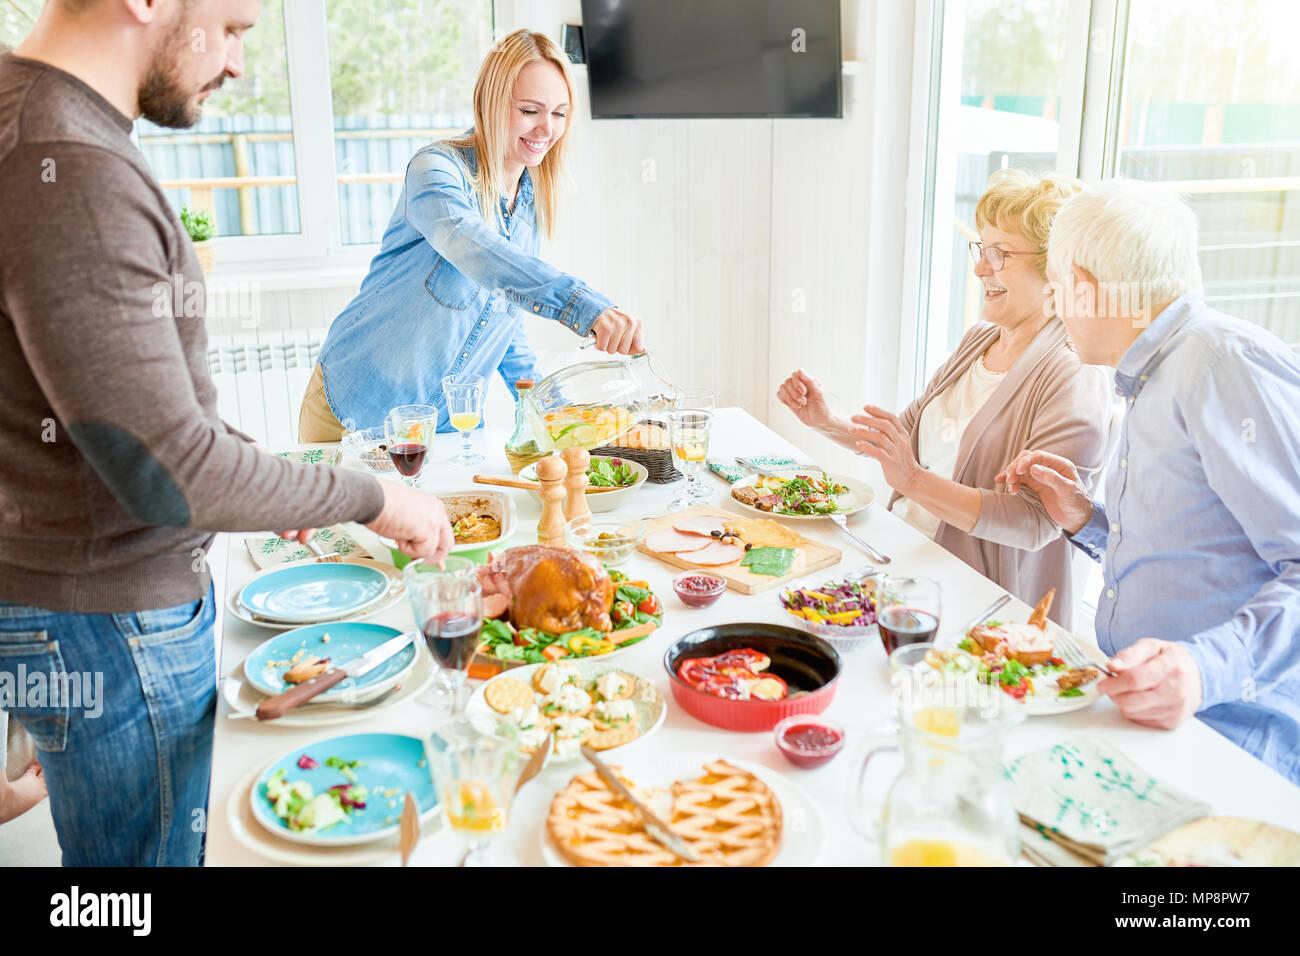 Glückliche Familie, Abendessen in Buffetform in einer modernen Wohnung Stockbild